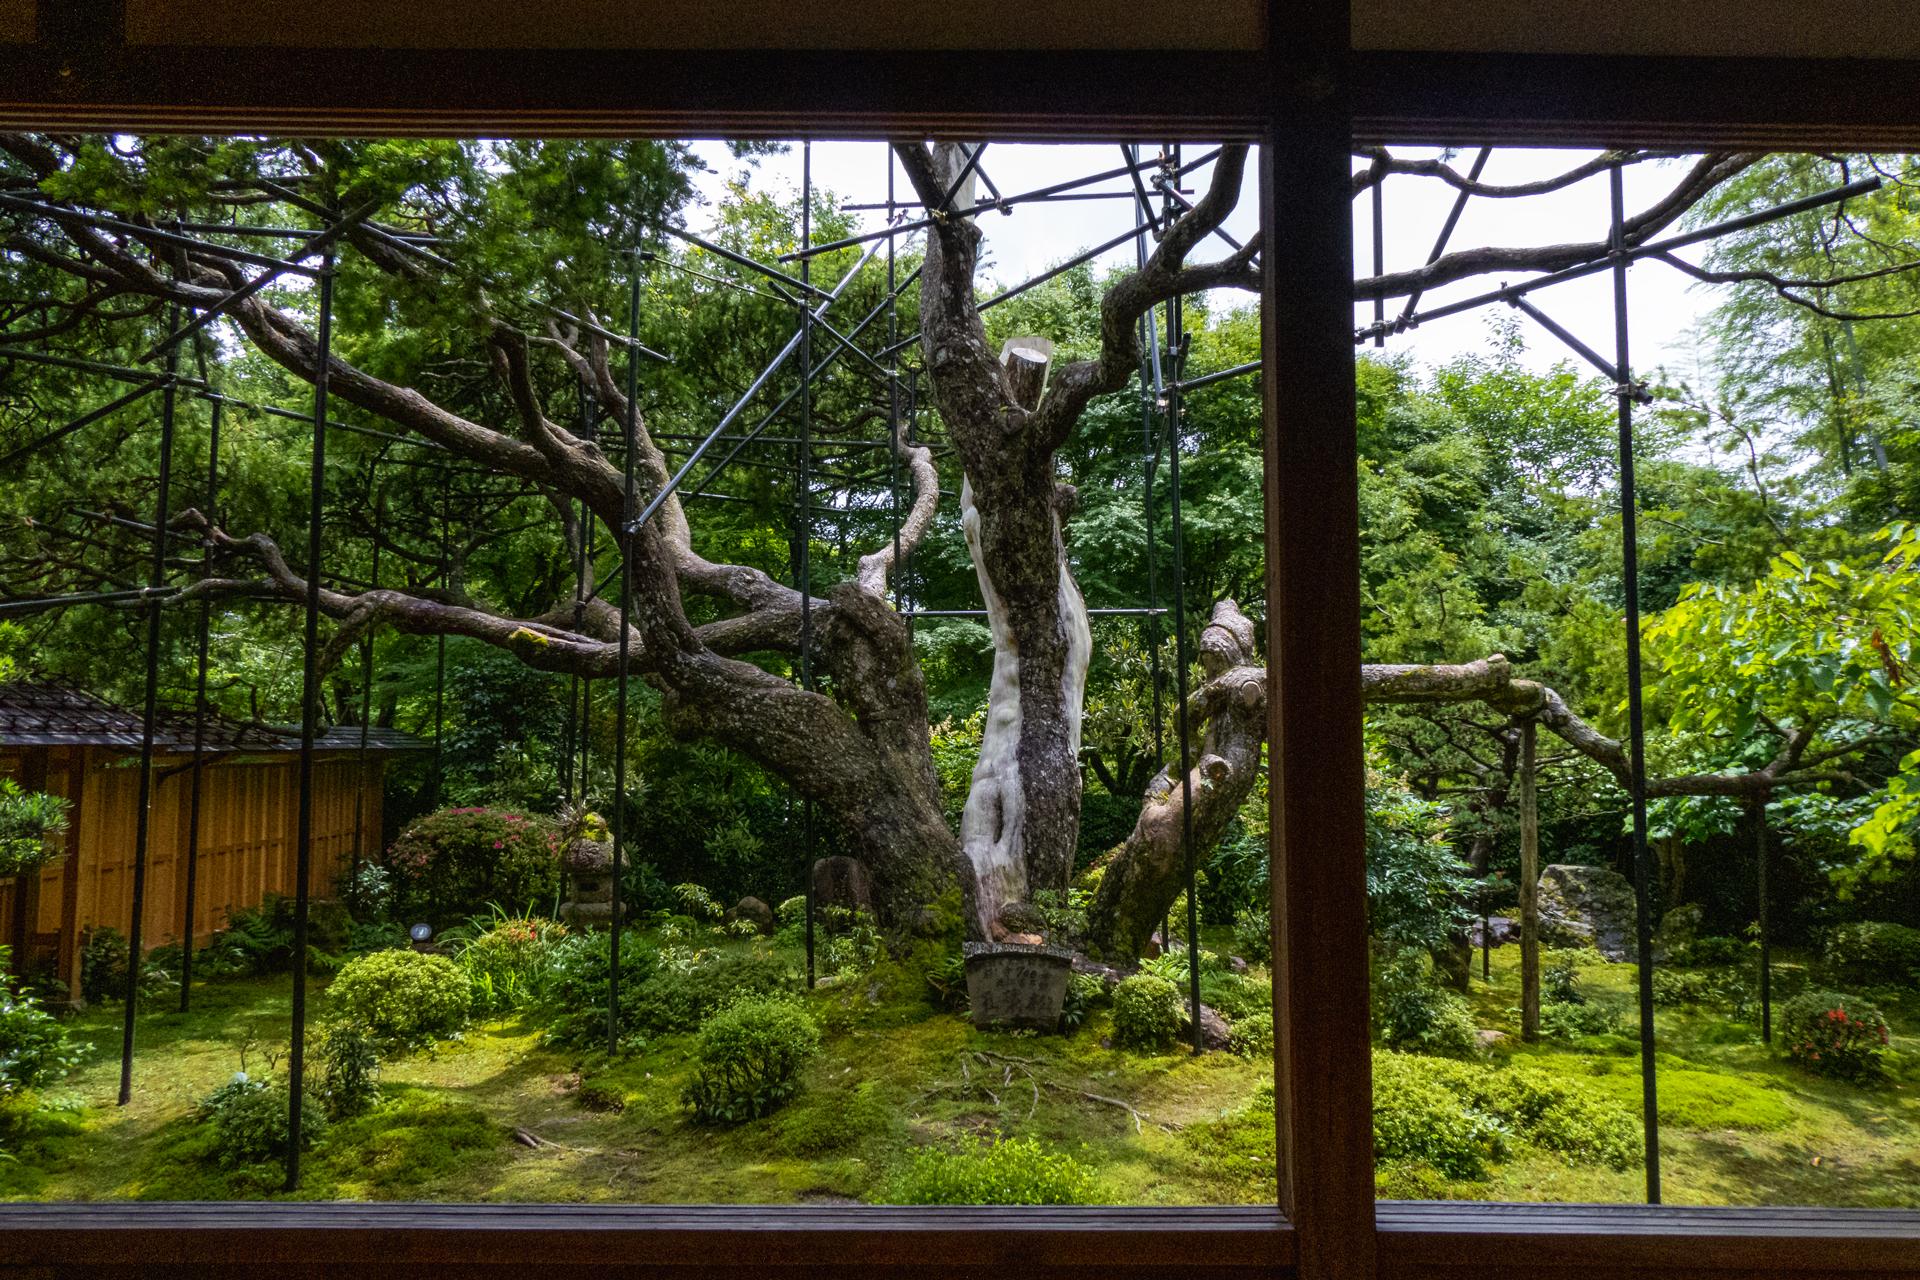 P1001604 京都府 宝泉院(額縁庭園と新緑の景色が美しい夏におすすめスポット!写真の紹介、アクセス情報など)